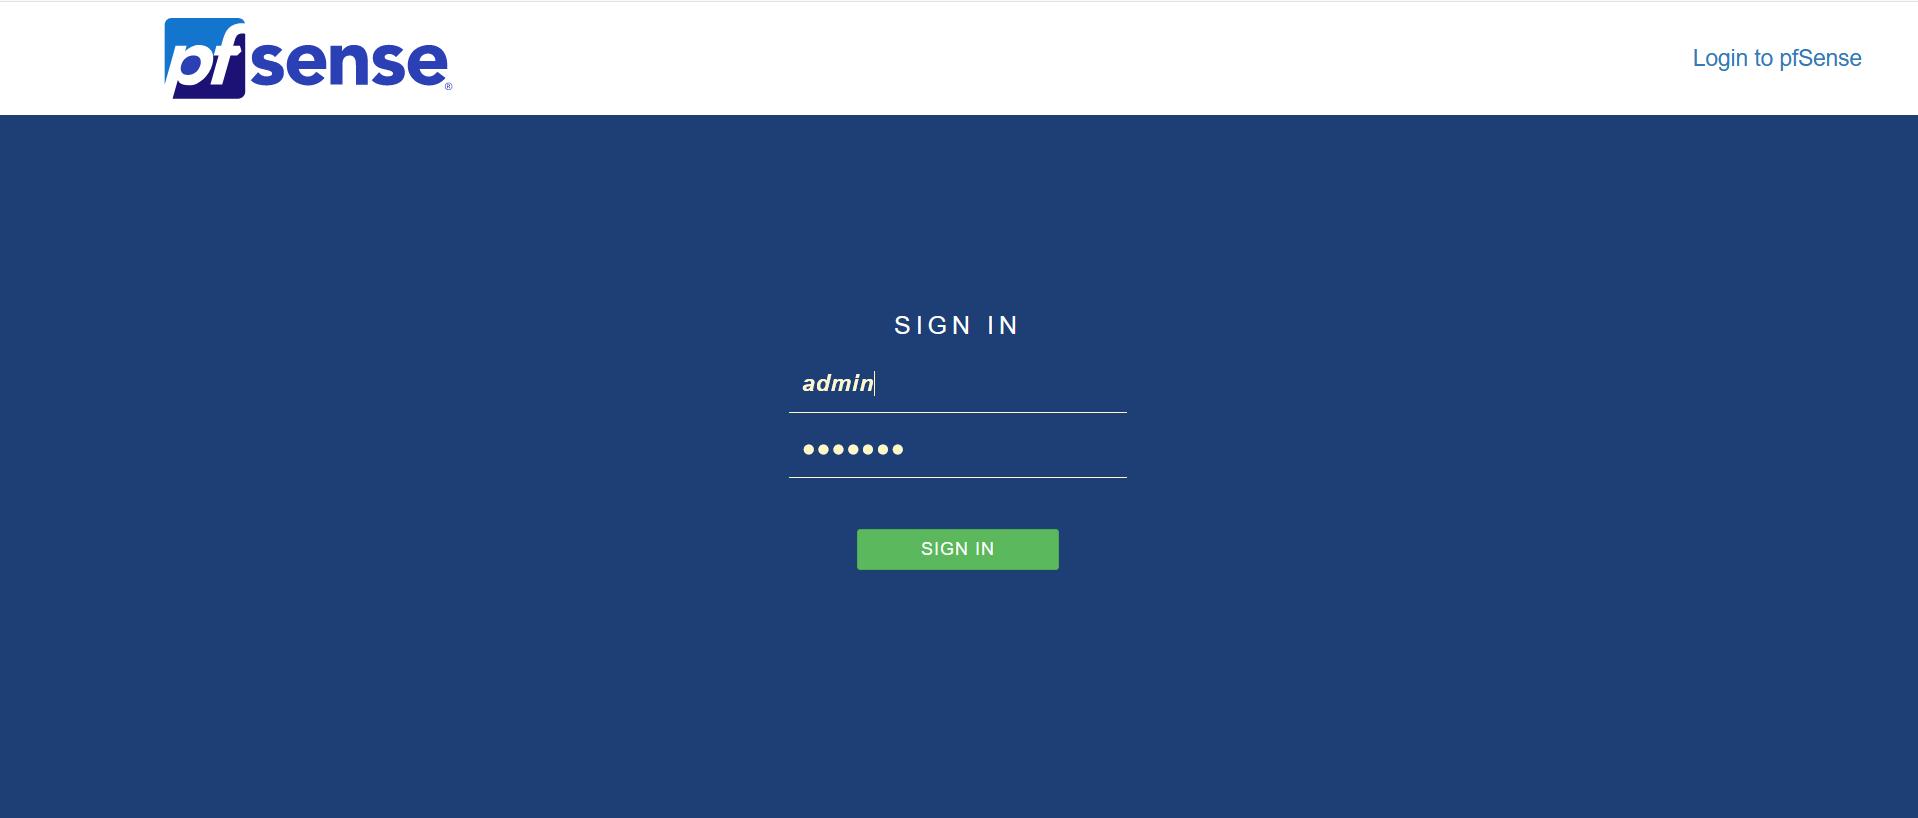 pfSense web application